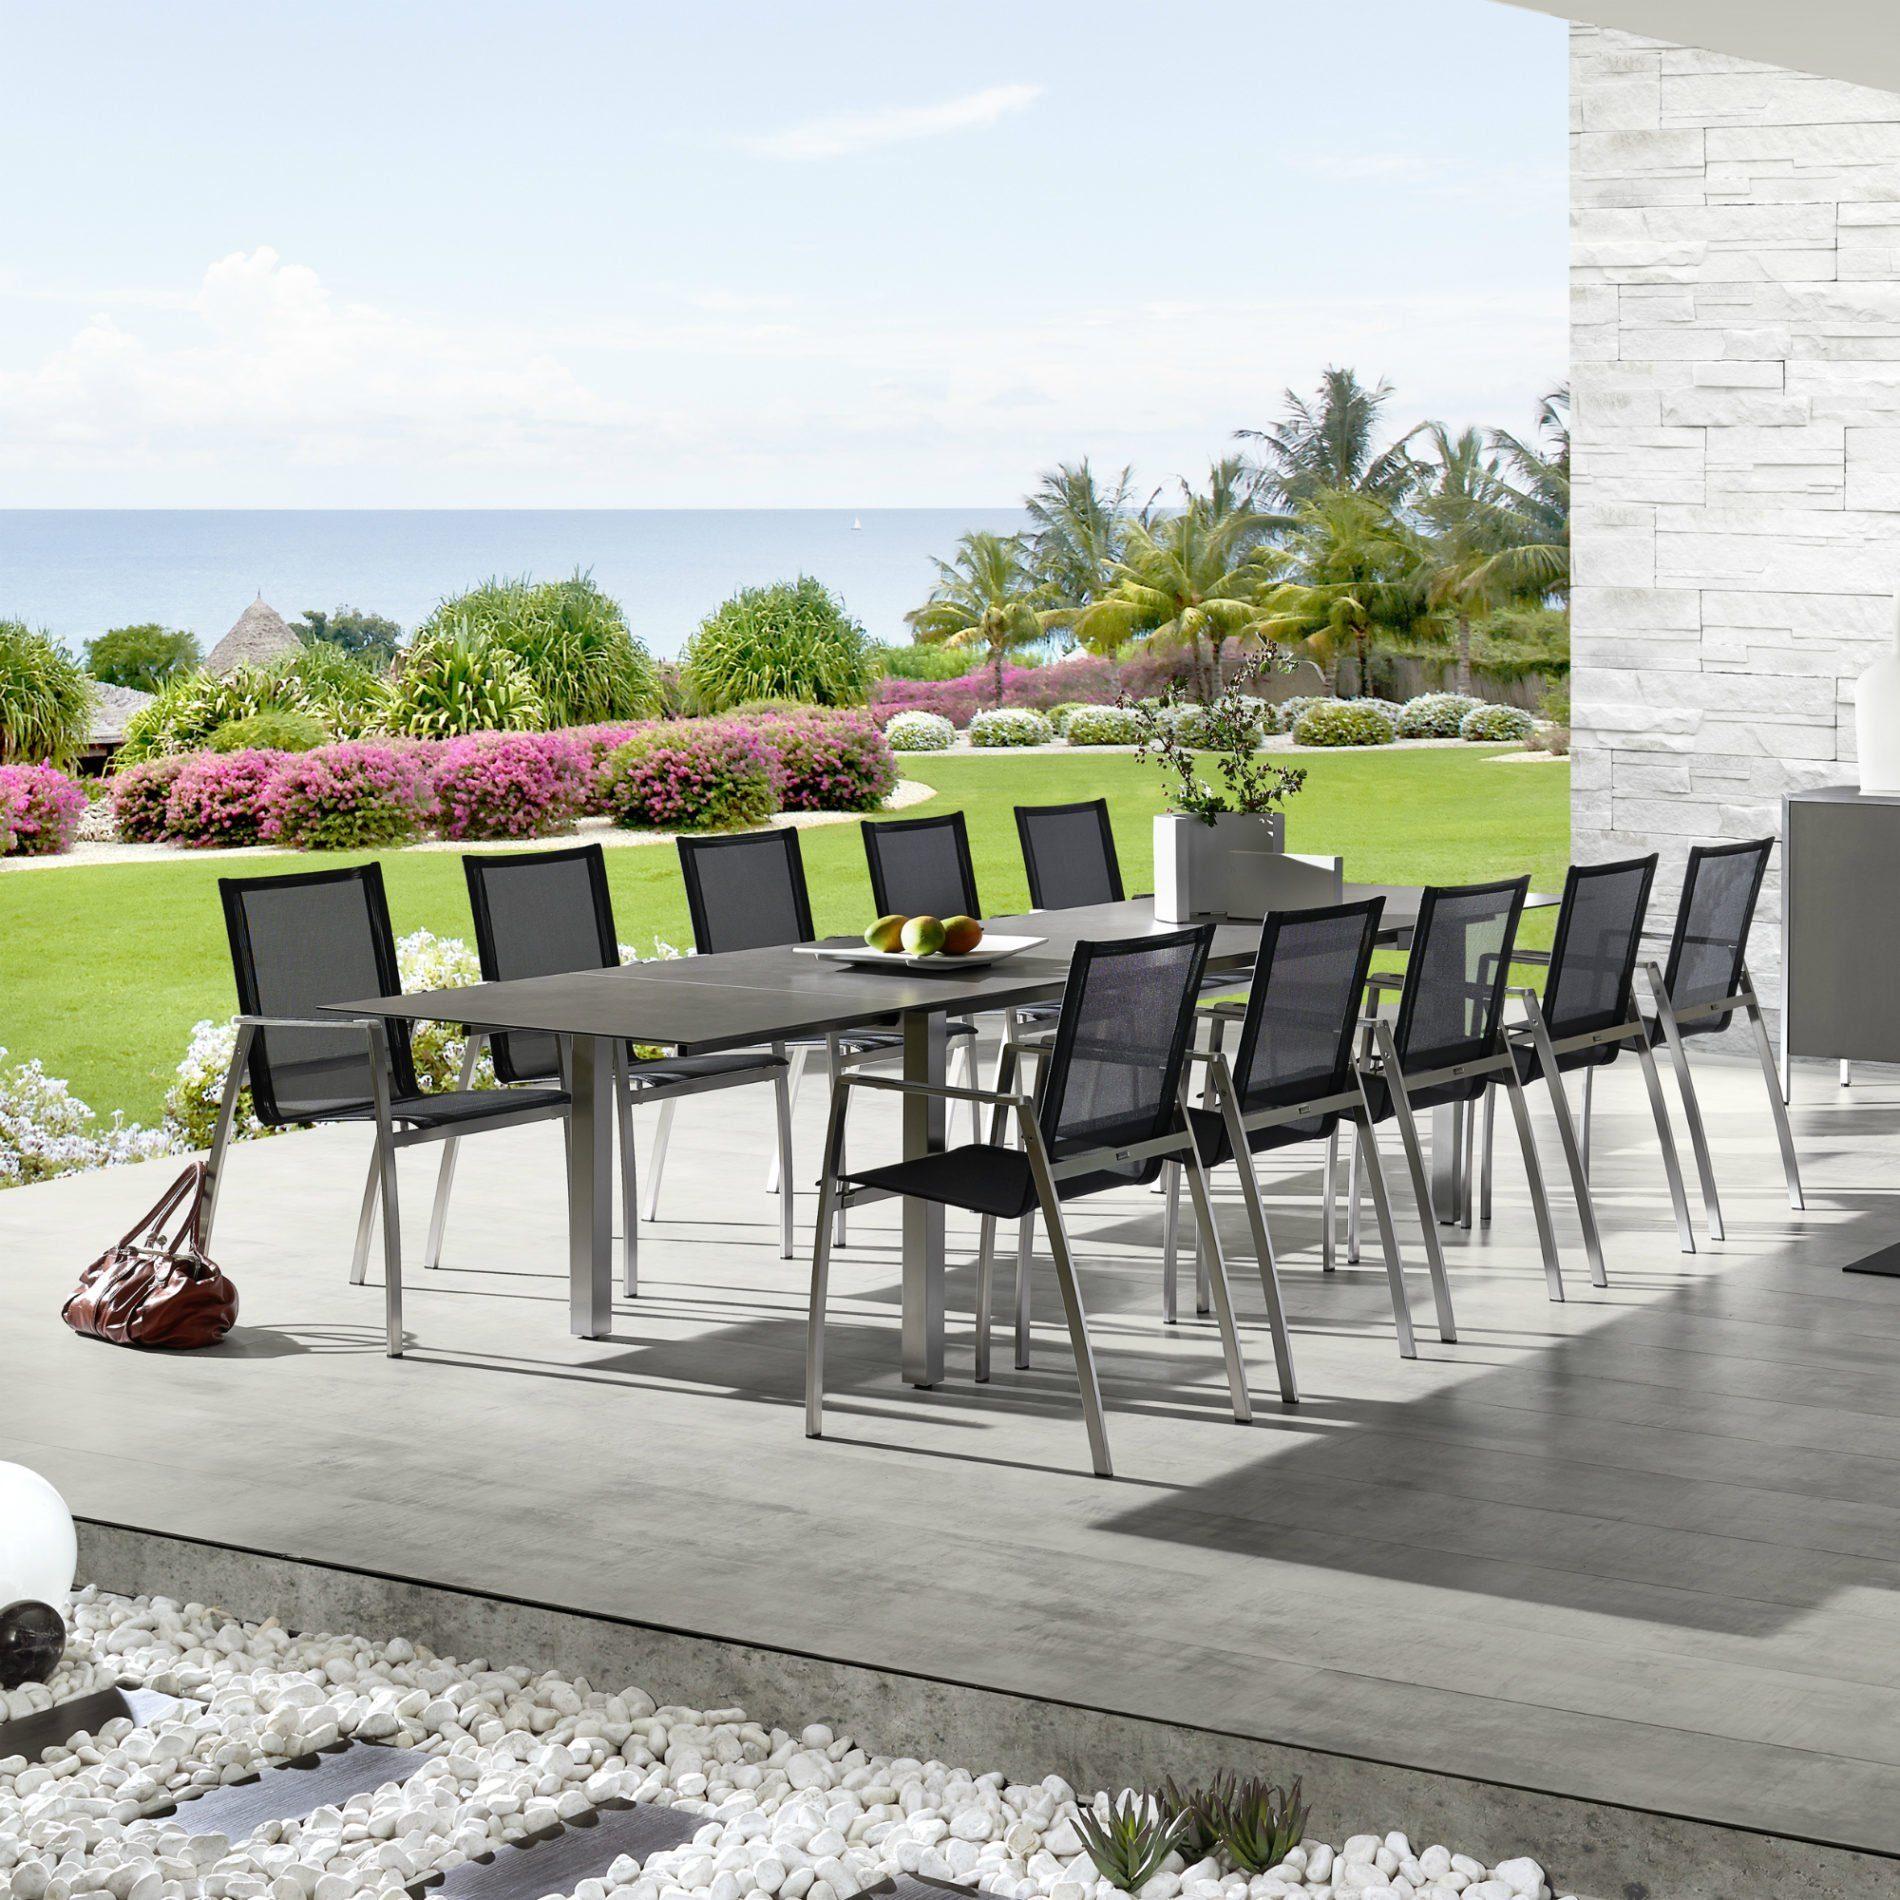 zumsteg spezia gartentisch edelstahl granit ausziehbar. Black Bedroom Furniture Sets. Home Design Ideas